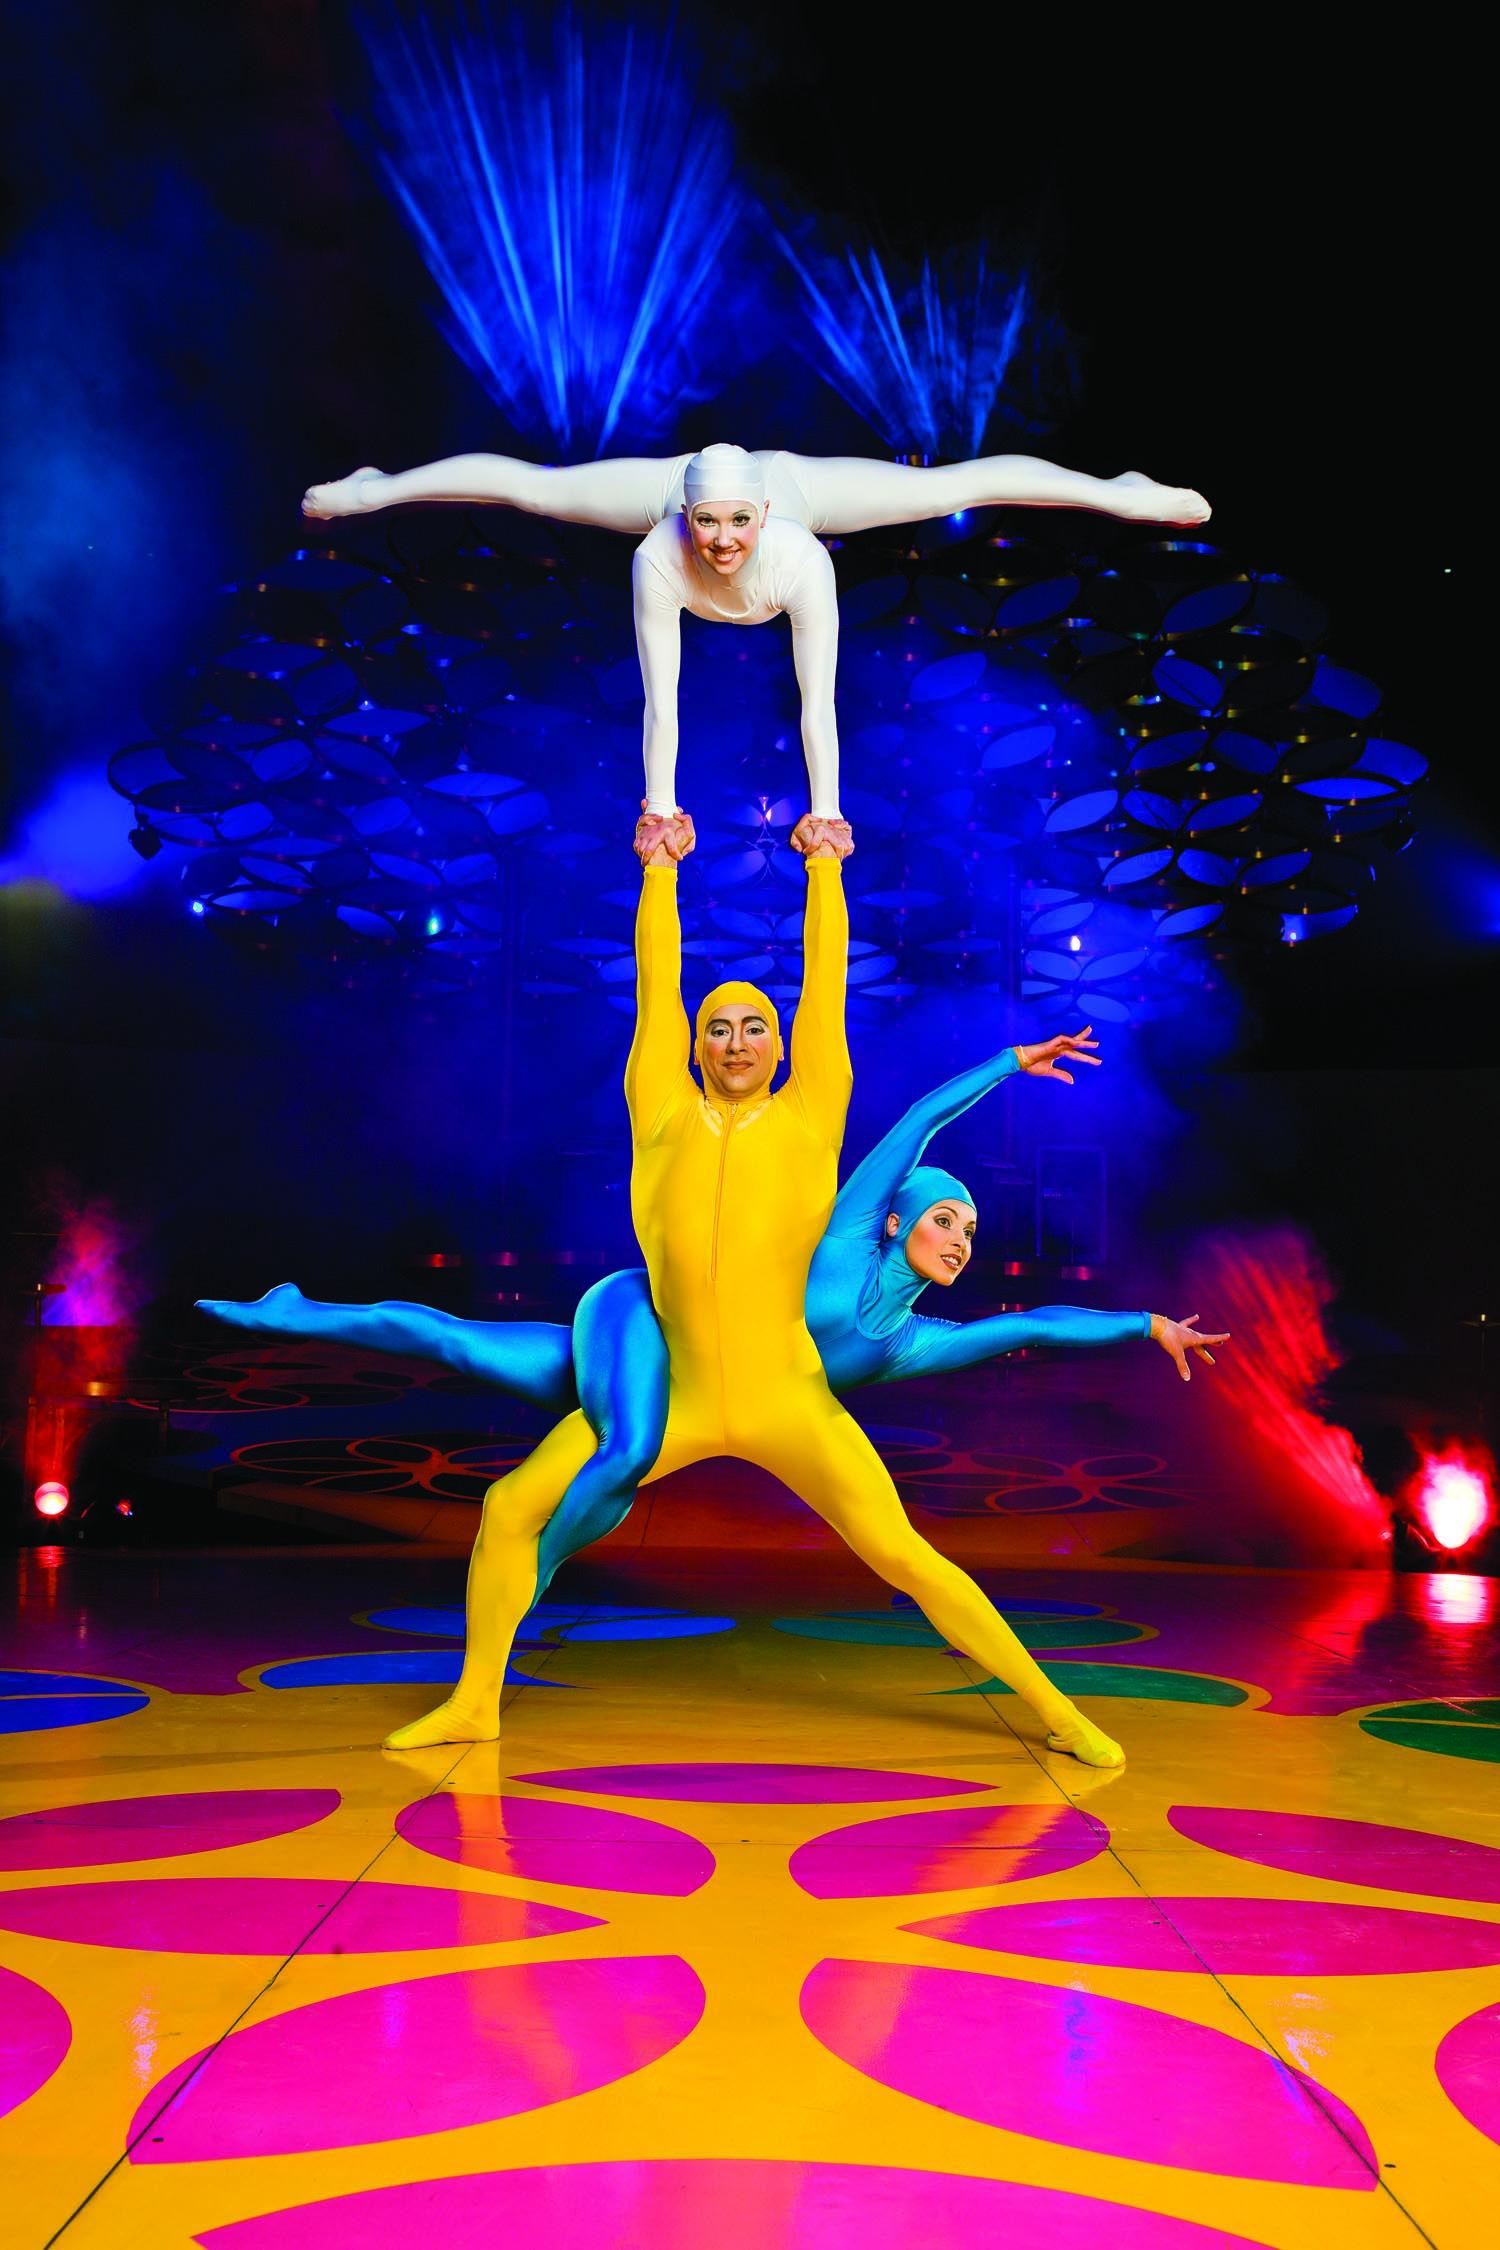 Internacional | Cirque du Soleilse declaró en quiebra y despedirá a 3.840 empleados